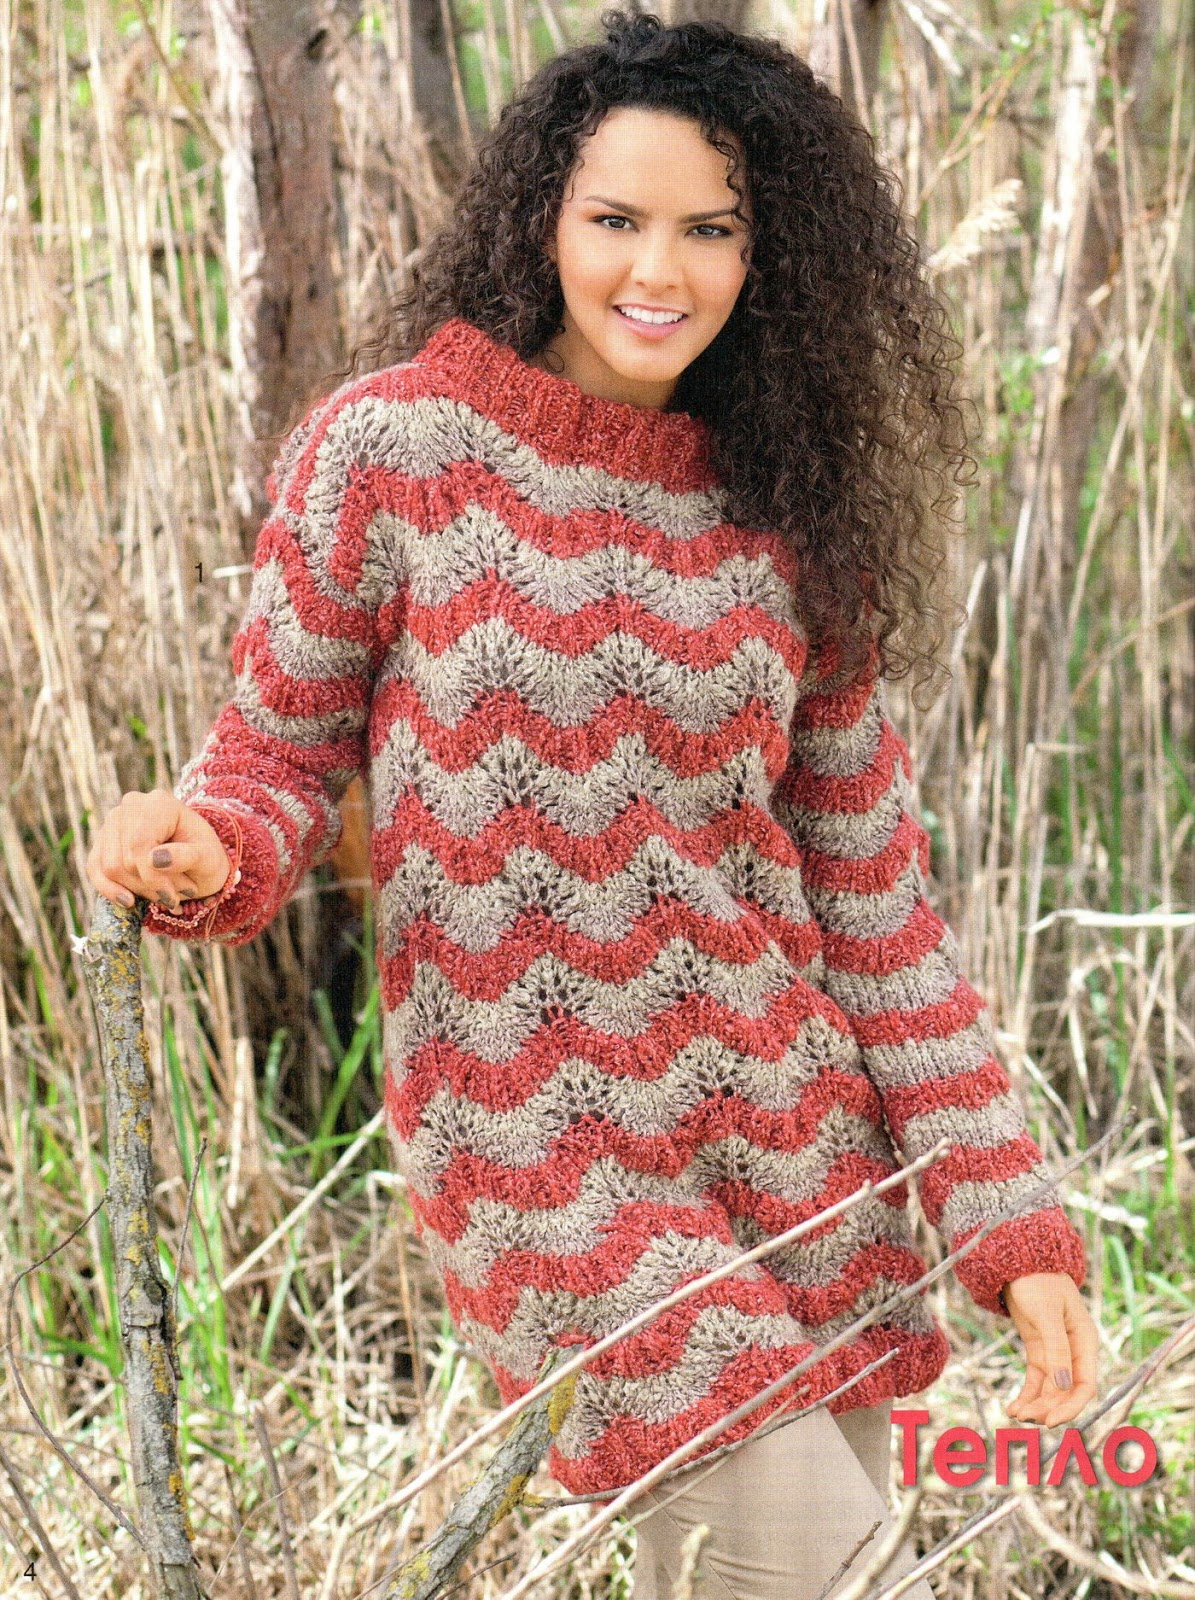 Журнал Вязание модно и просто спецвыпуск 10 2013 года ( вязаные украшения) - Журнал Вязание модно и просто САБРИНА